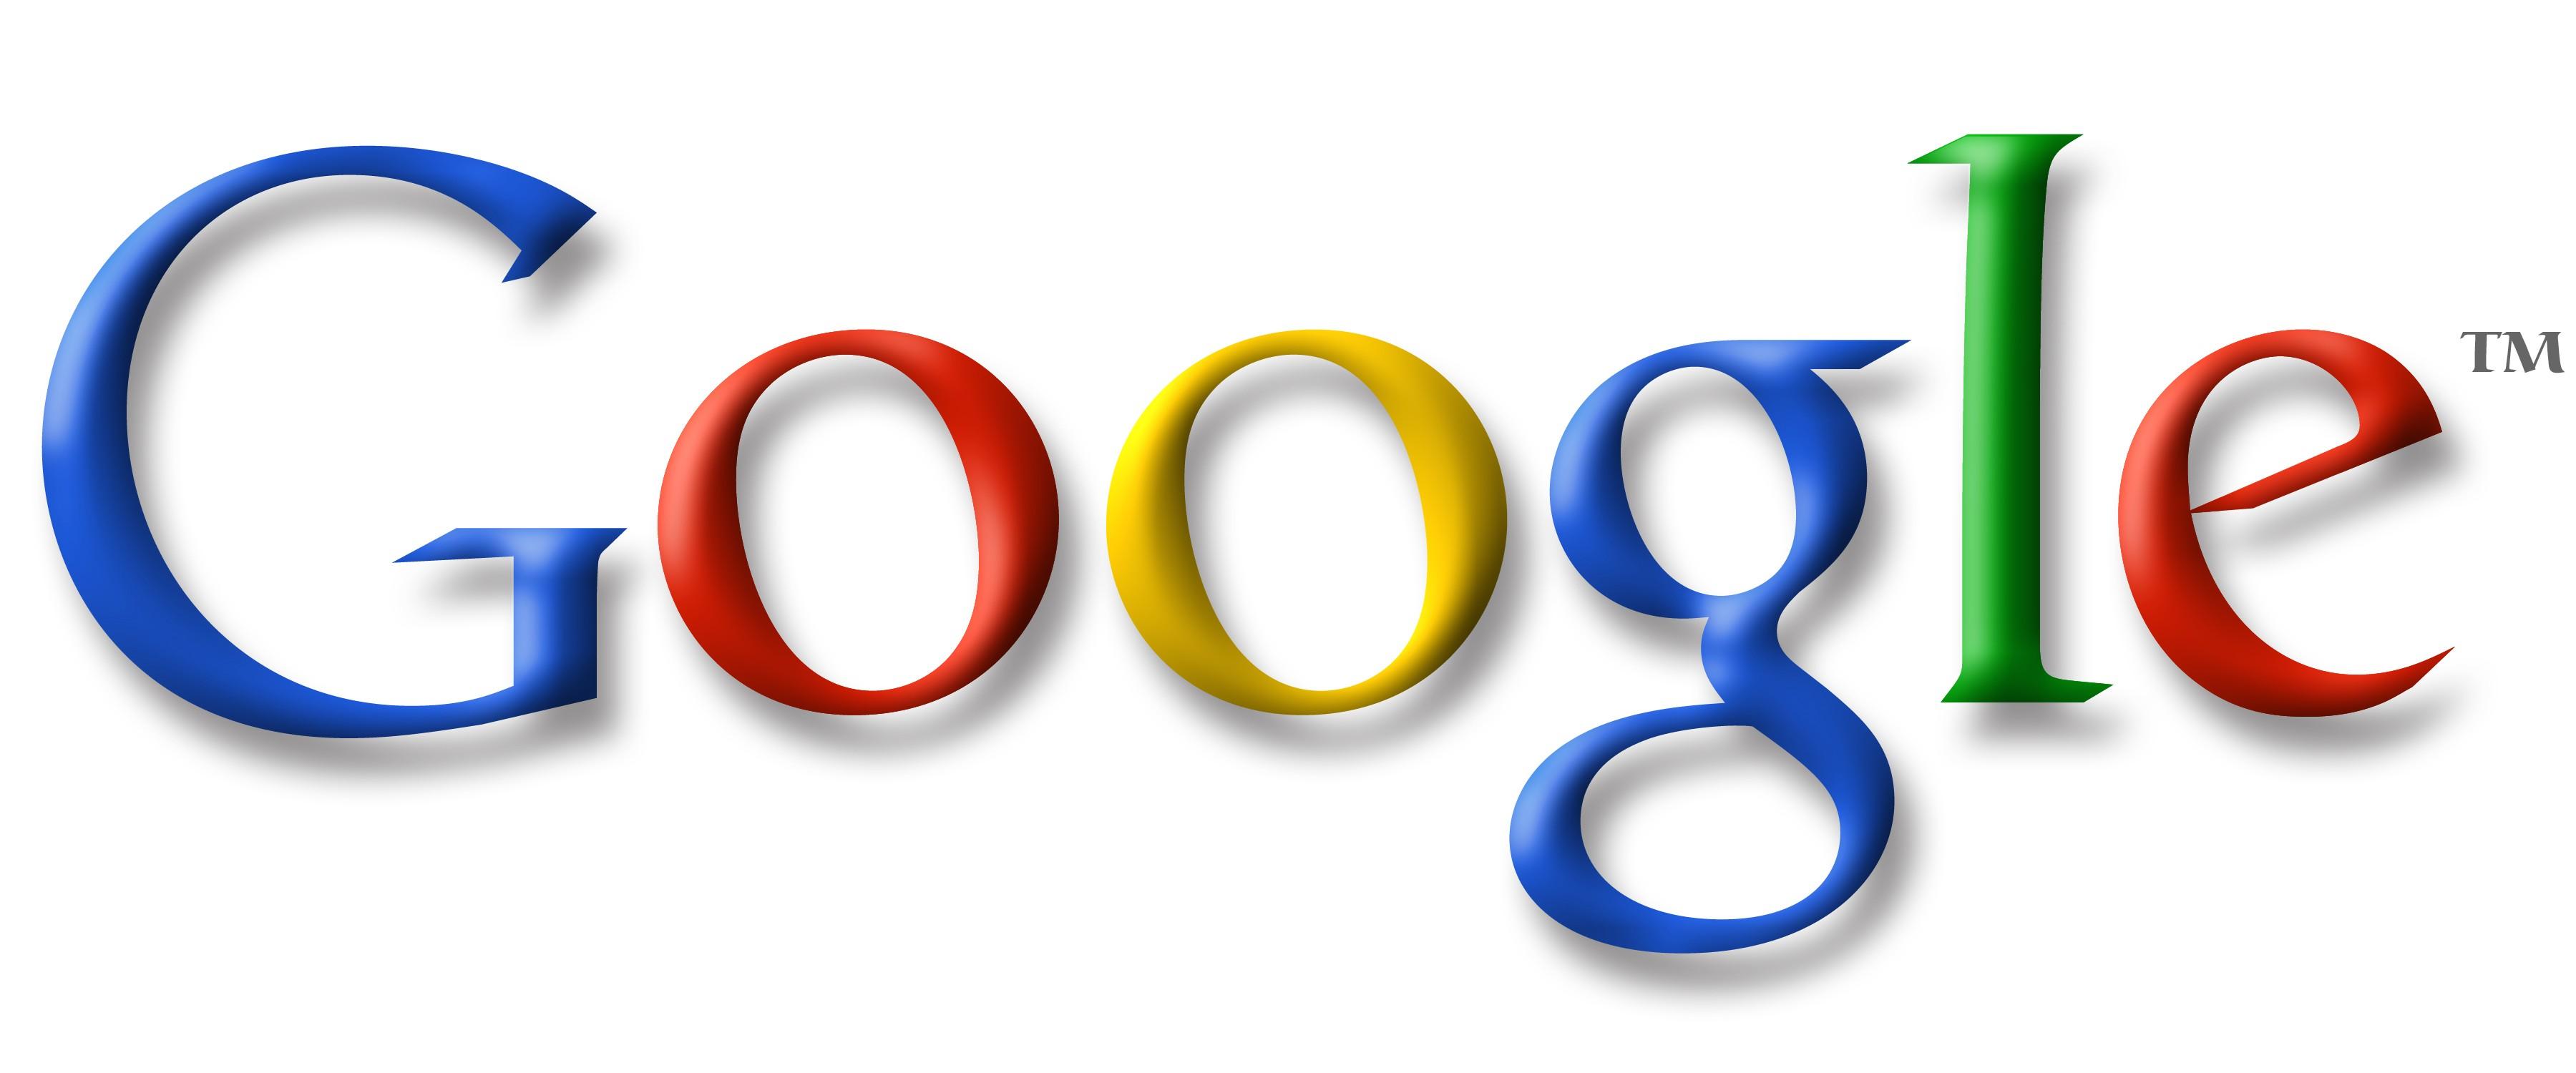 שם:  Google-logo1.jpg צפיות: 8392 גודל:  276.5 קילובייט